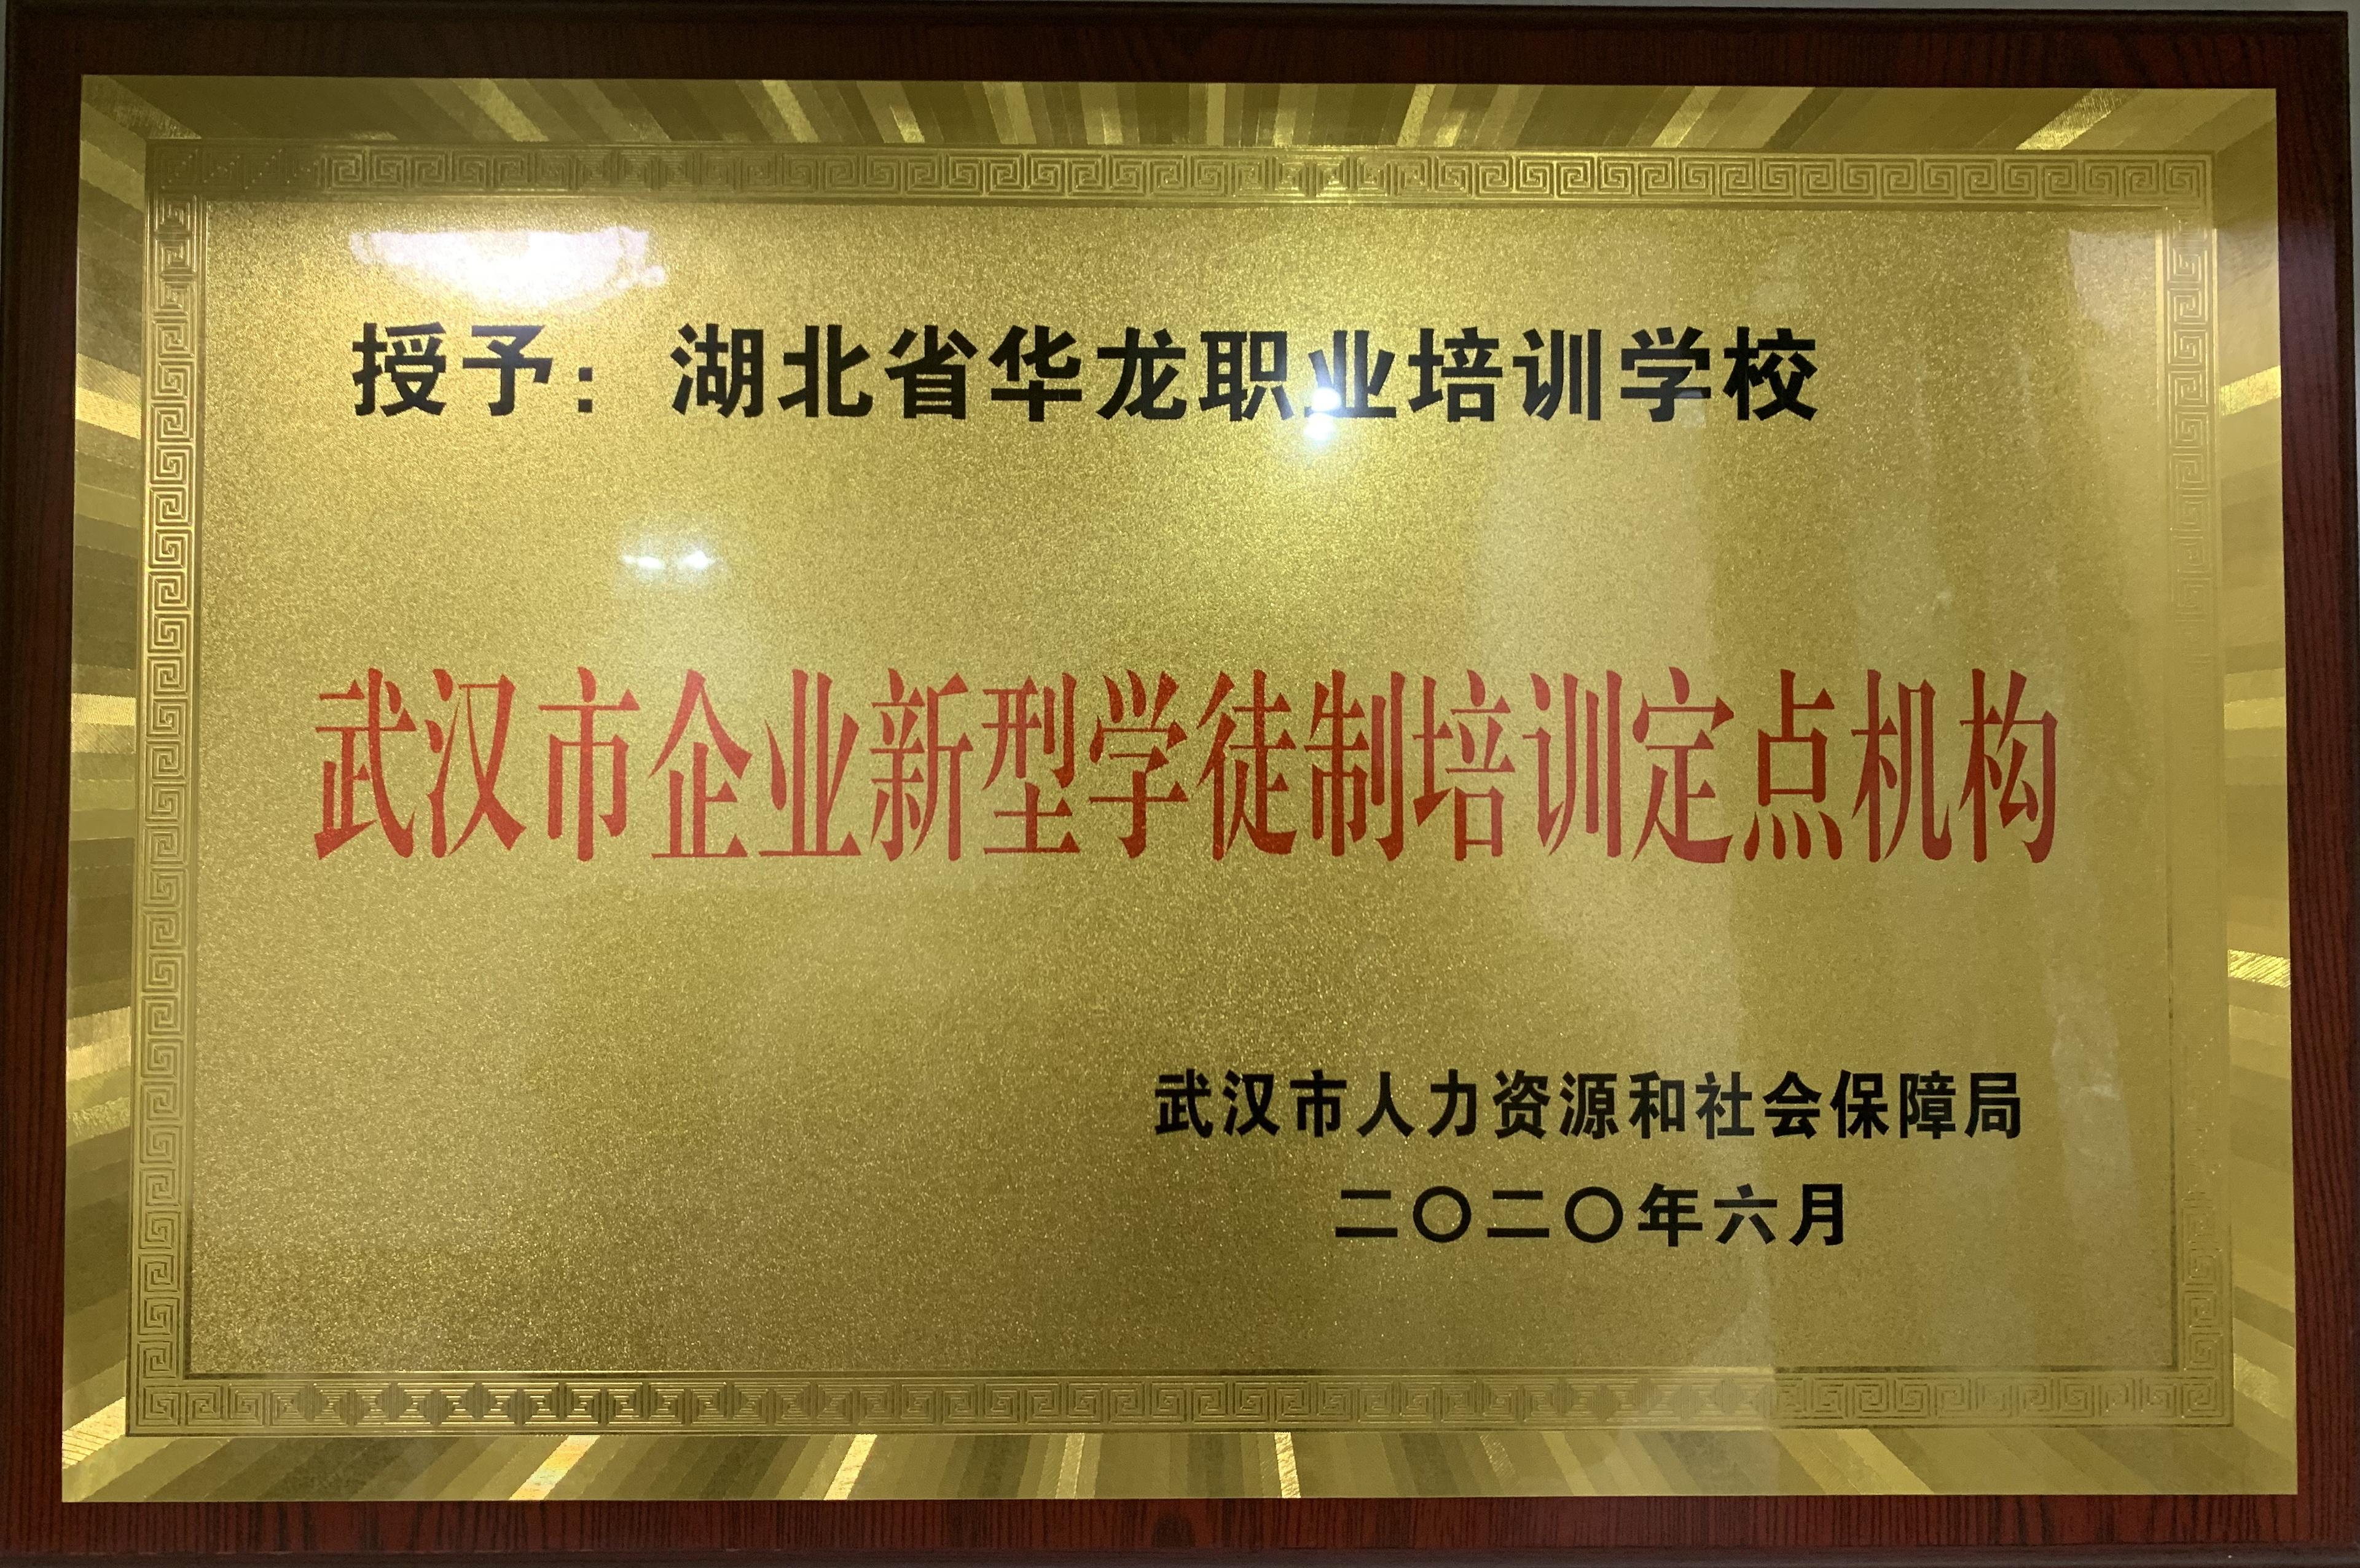 武汉市企业新型学徒制培训定点机构